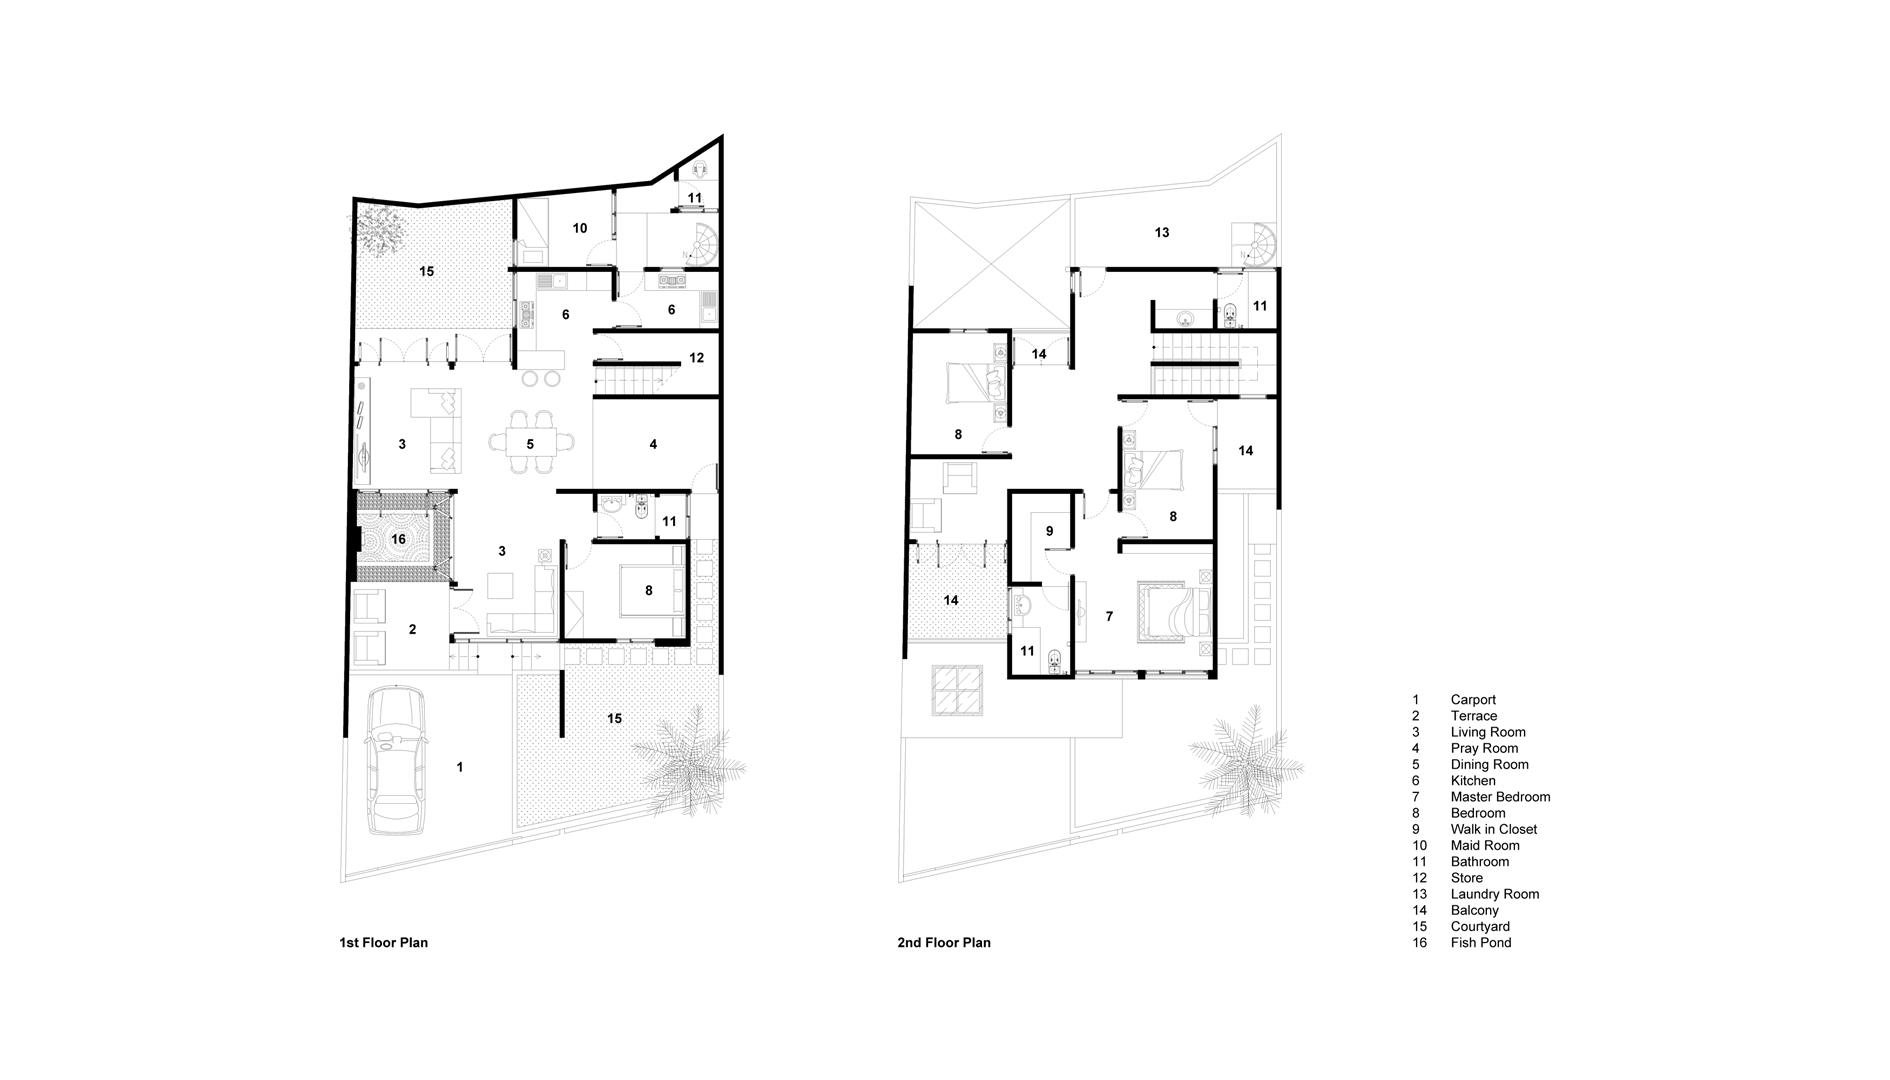 2014-ST-HOUSE-04